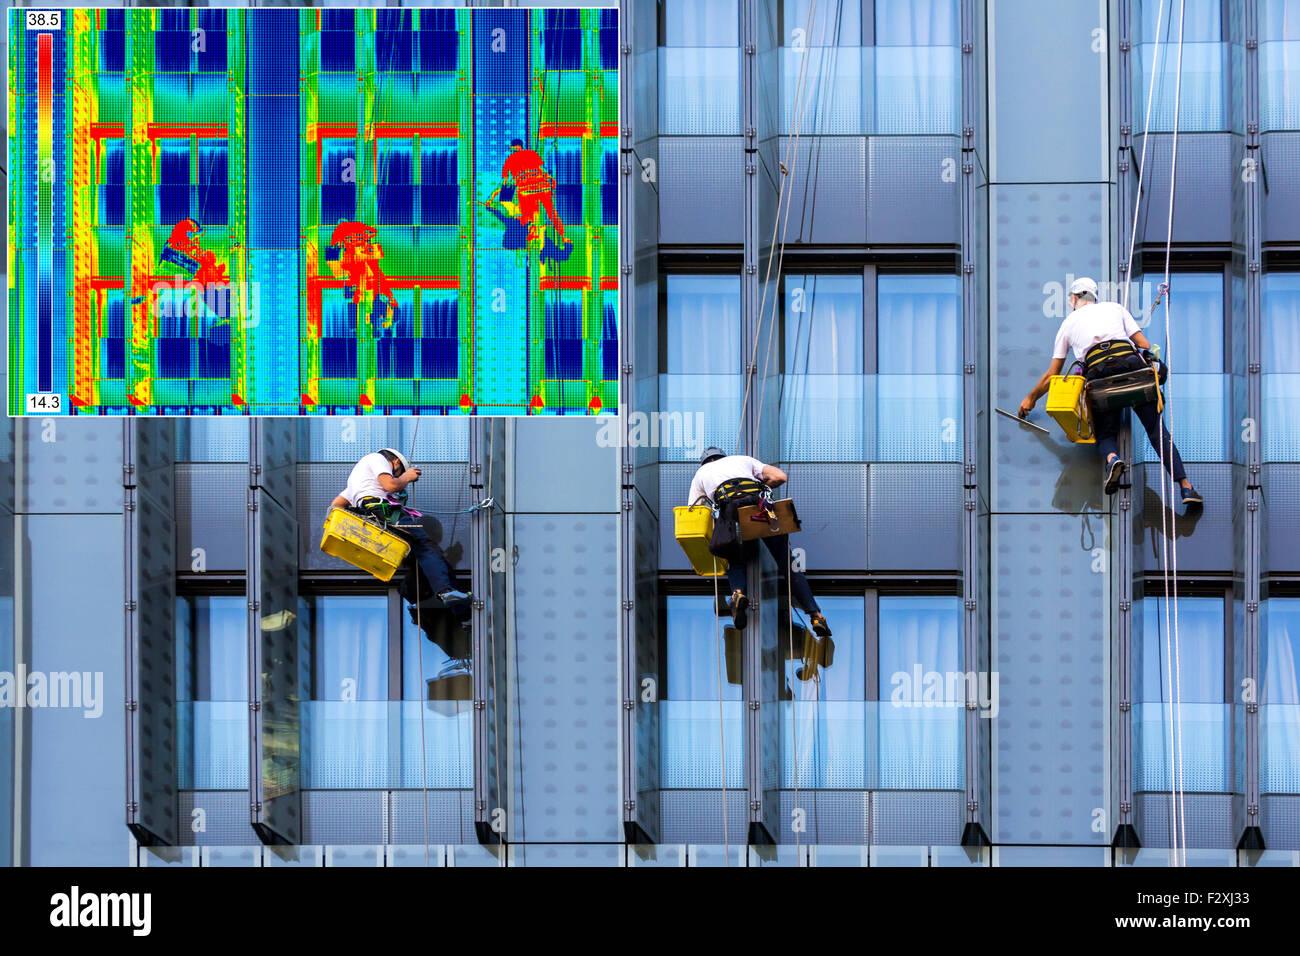 Thermovision a Infrarossi immagini reali e scalatori di tre finestre di lavaggio Immagini Stock